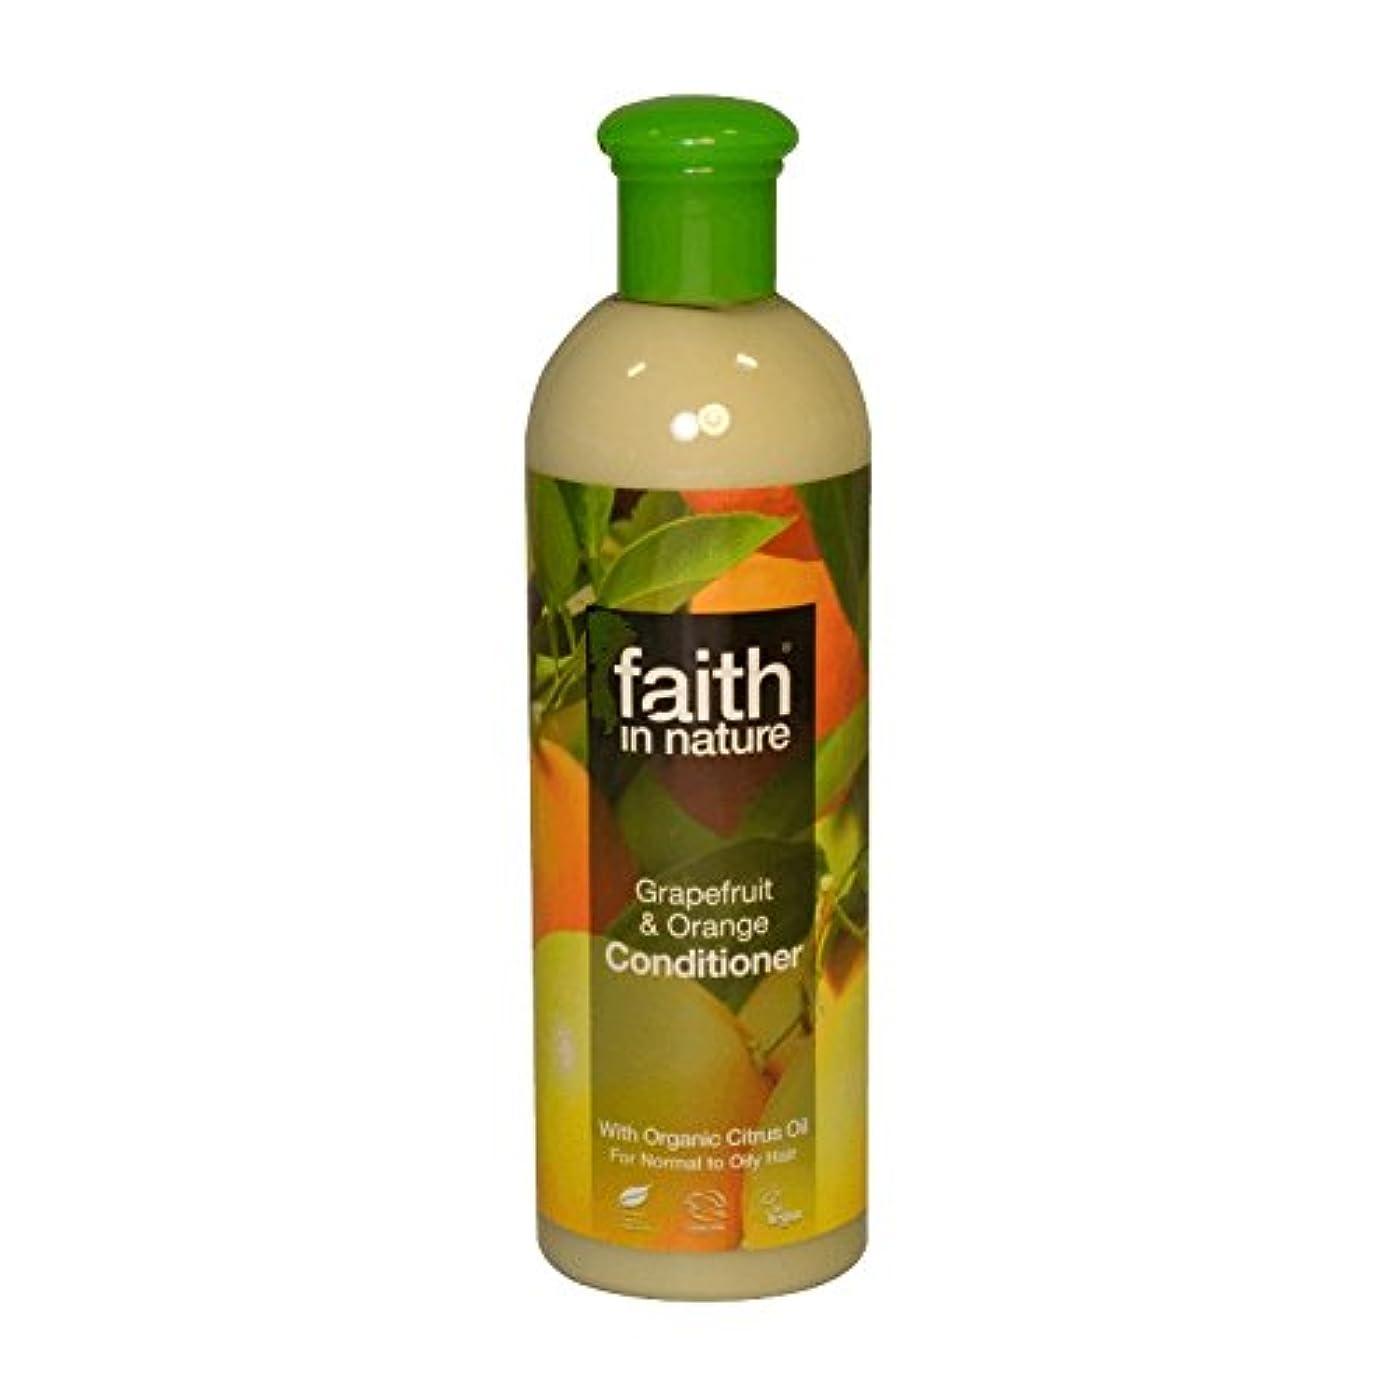 散らす無駄週間Faith in Nature Grapefruit & Orange Conditioner 400ml (Pack of 2) - 自然グレープフルーツ&オレンジコンディショナー400ミリリットルの信仰 (x2) [...